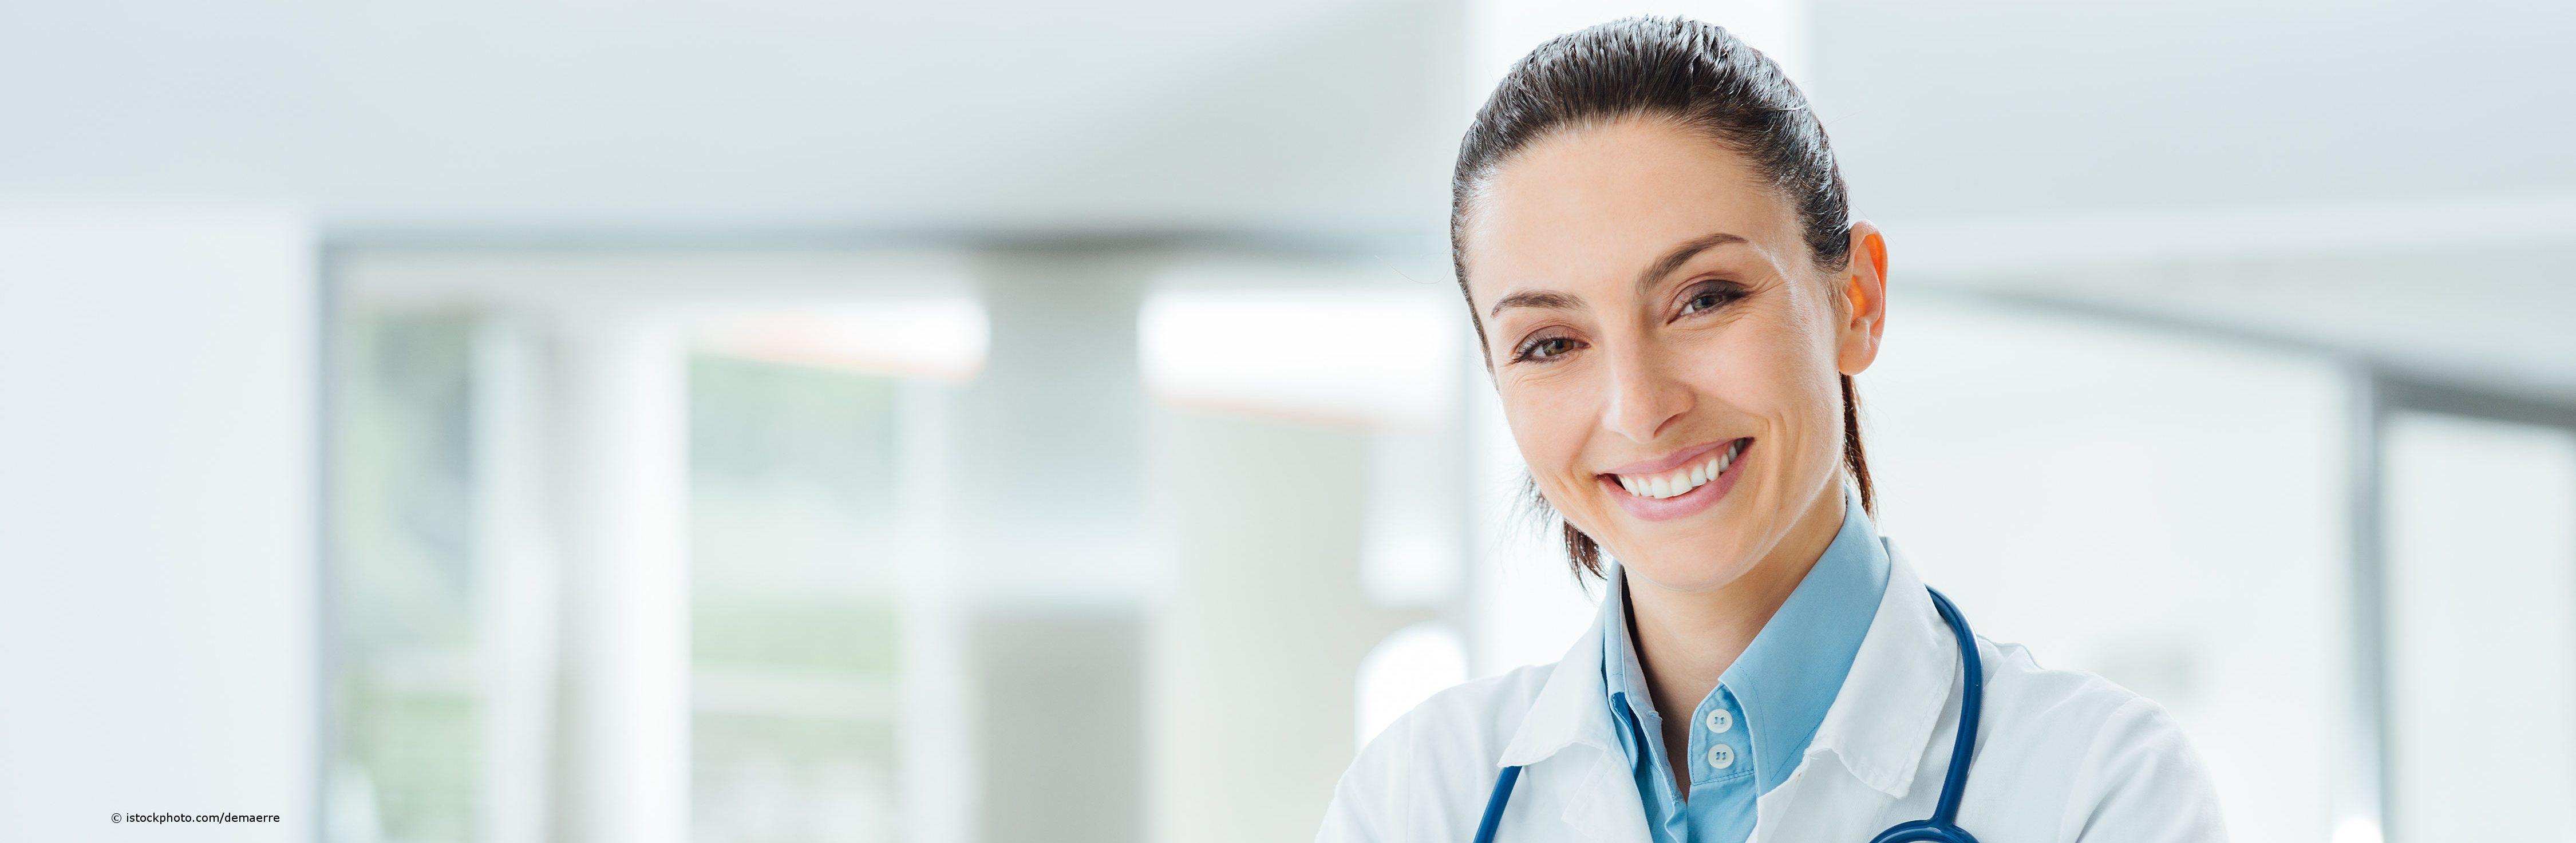 Lächelnde Ärztin auf DocInsider mit dem akademischen Titel Dr. med.